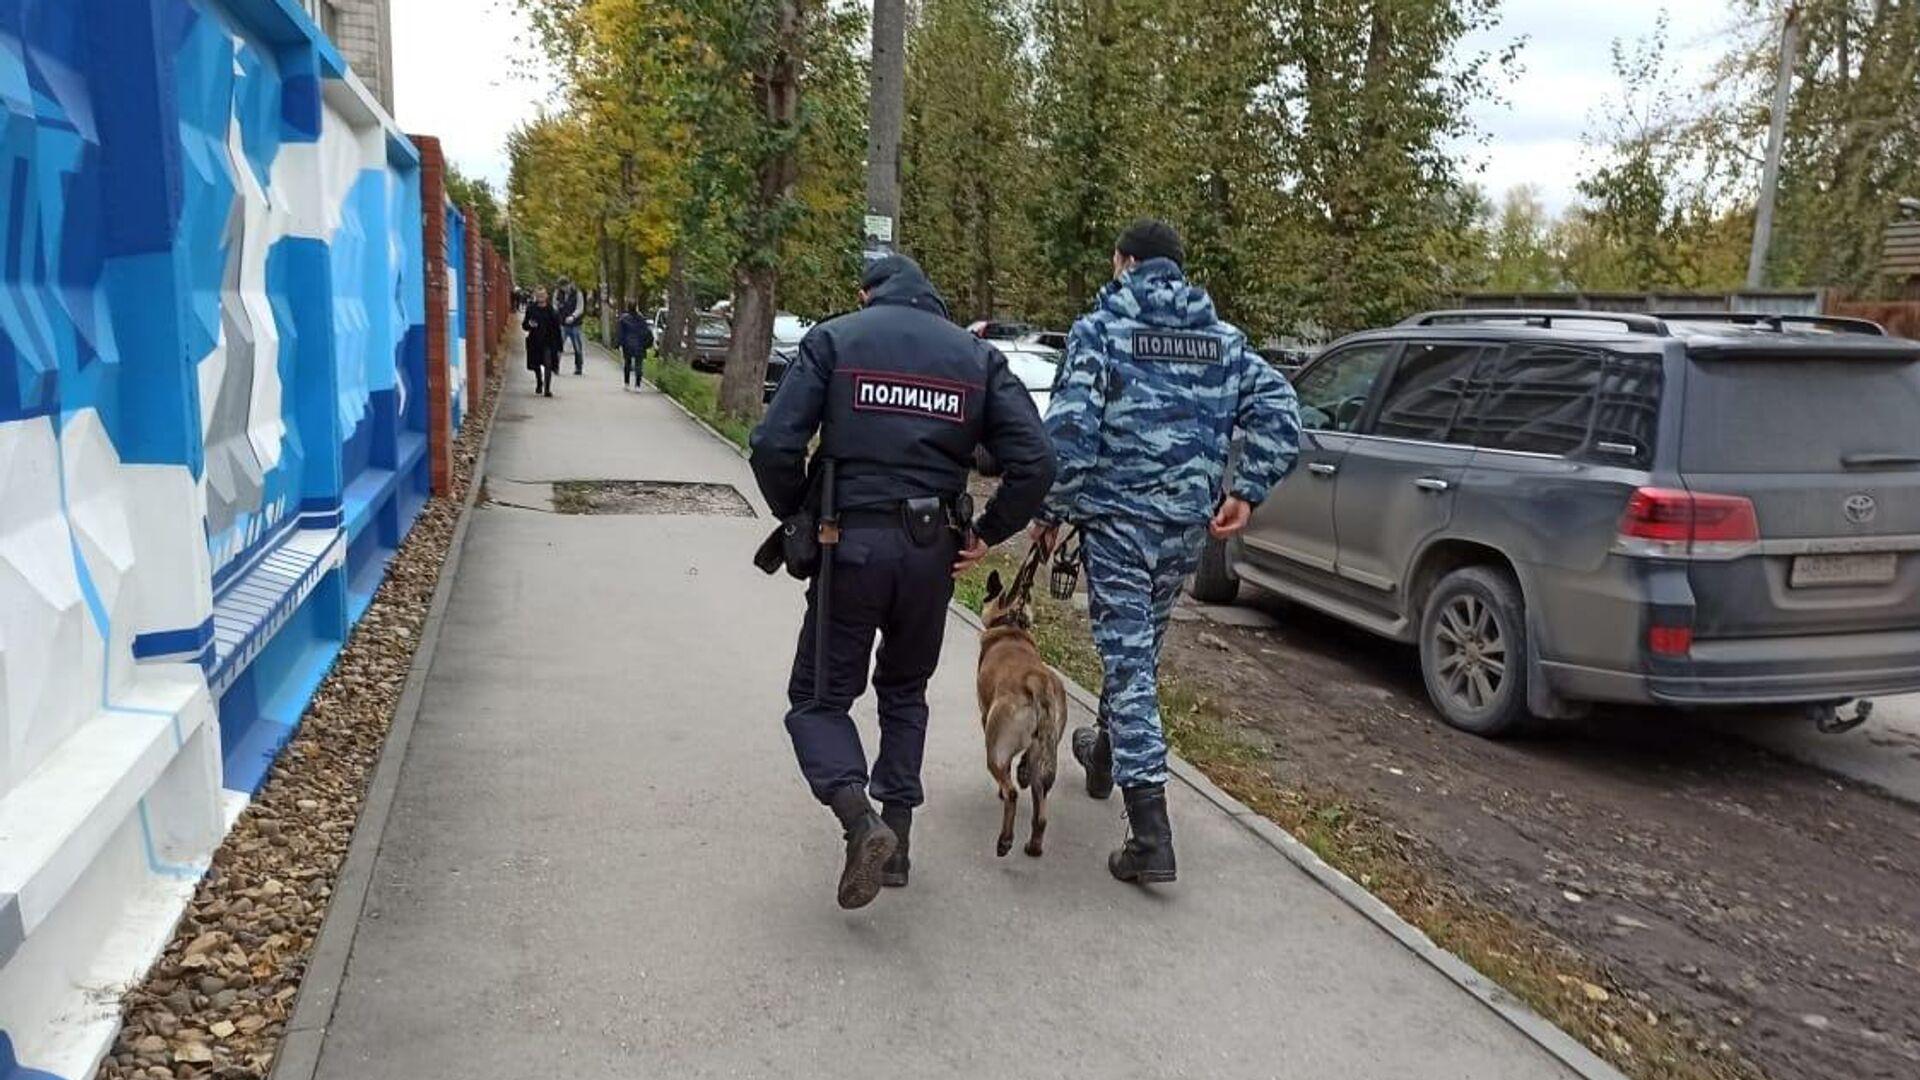 Сотрудники полиции со служебной собакой на улице Перми  - РИА Новости, 1920, 20.09.2021